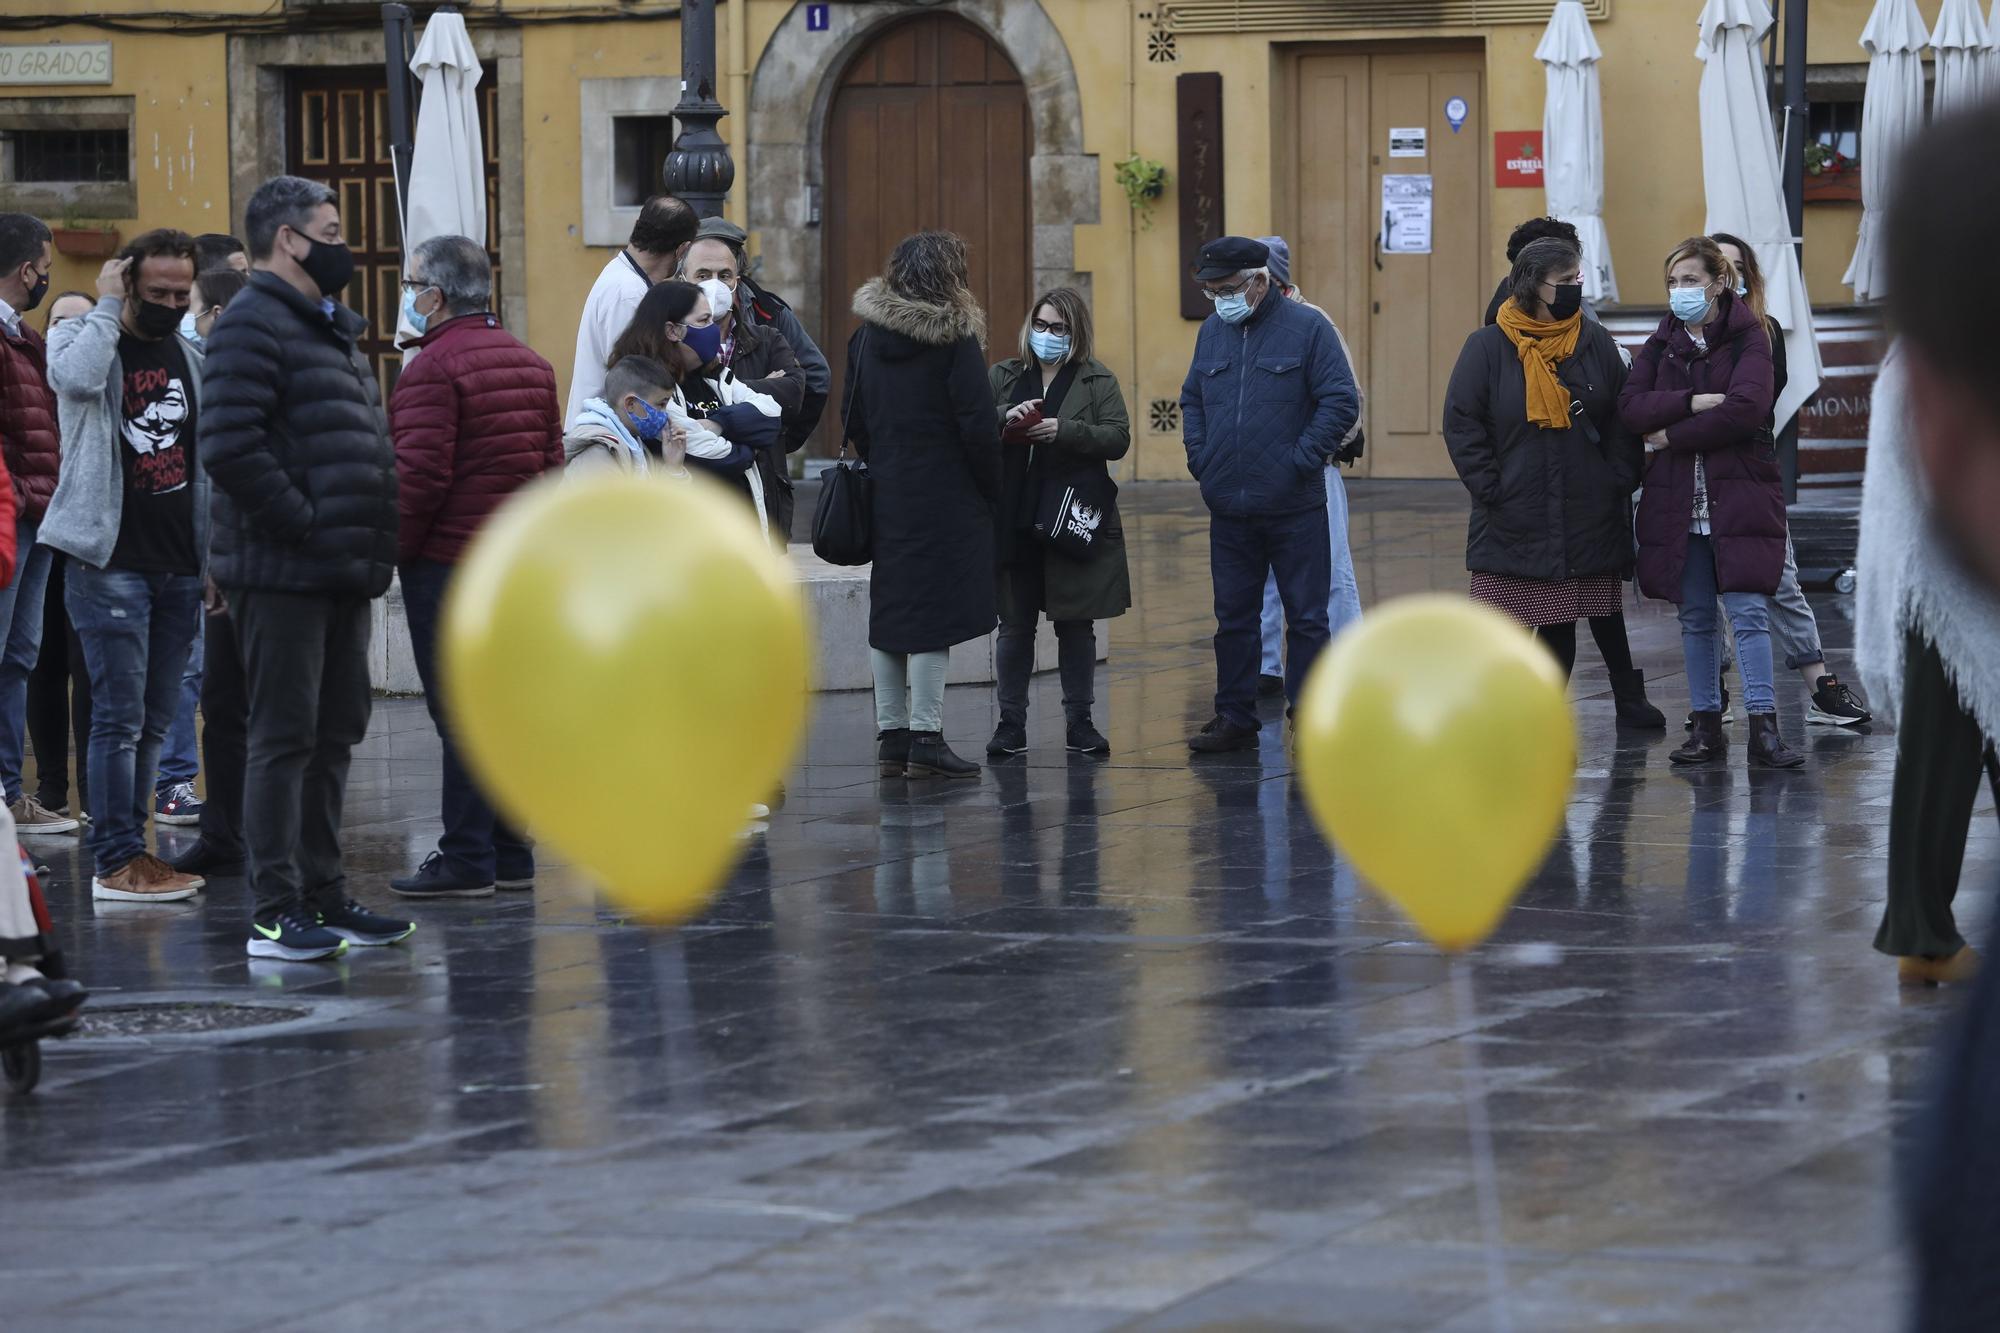 Los hosteleros abandonan su encierro en la iglesia de San Antonio de Padua